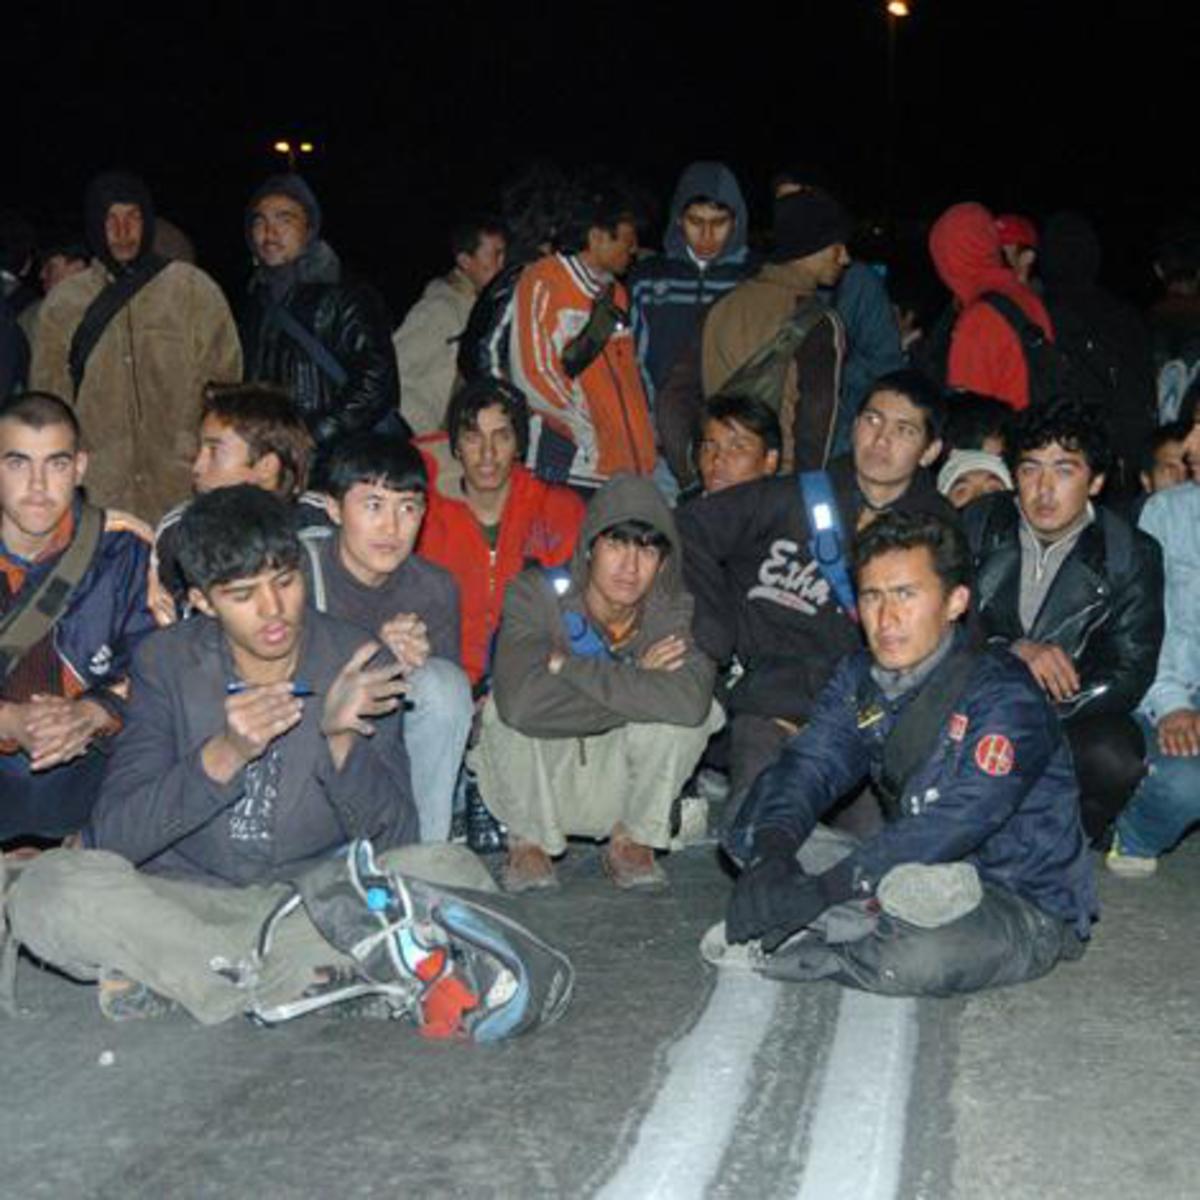 Άρτα: Θησαυρίζουν και συνεχίζουν να πηγαίνουν λαθρομετανάστες στην Πάτρα! | Newsit.gr